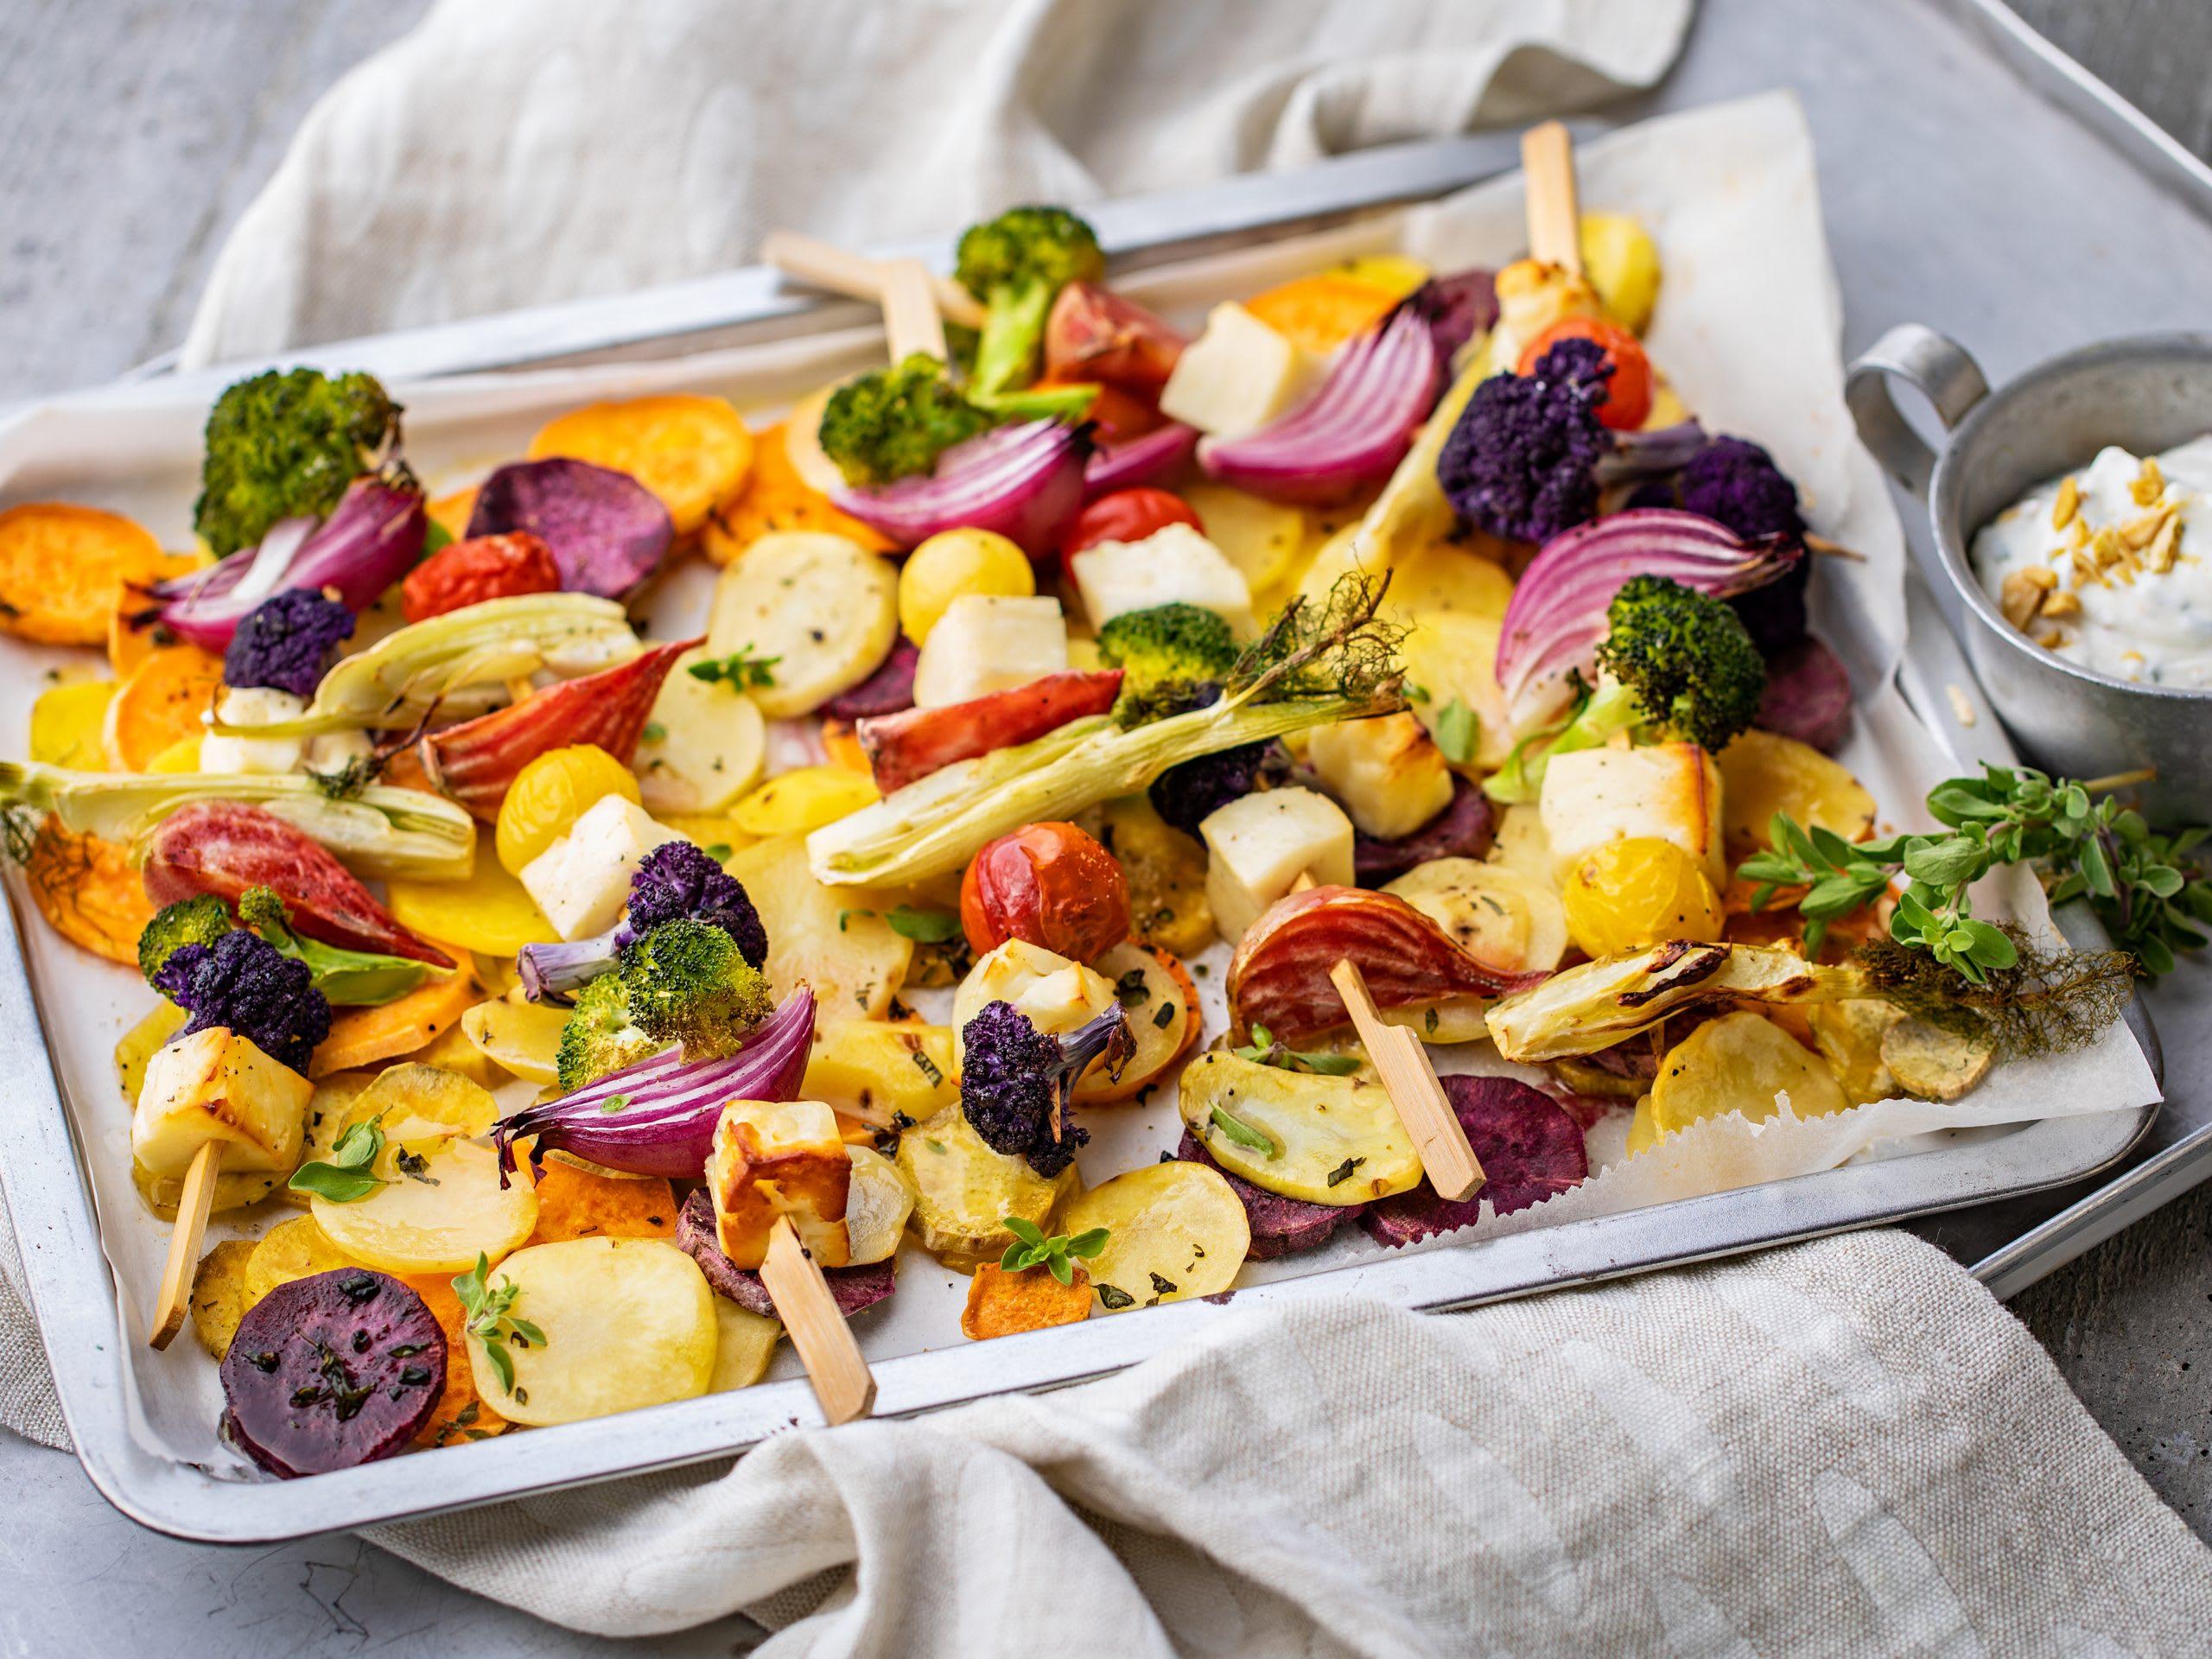 Gemüsespiessli mit Grillkäse und Kartoffeln aus dem Ofen